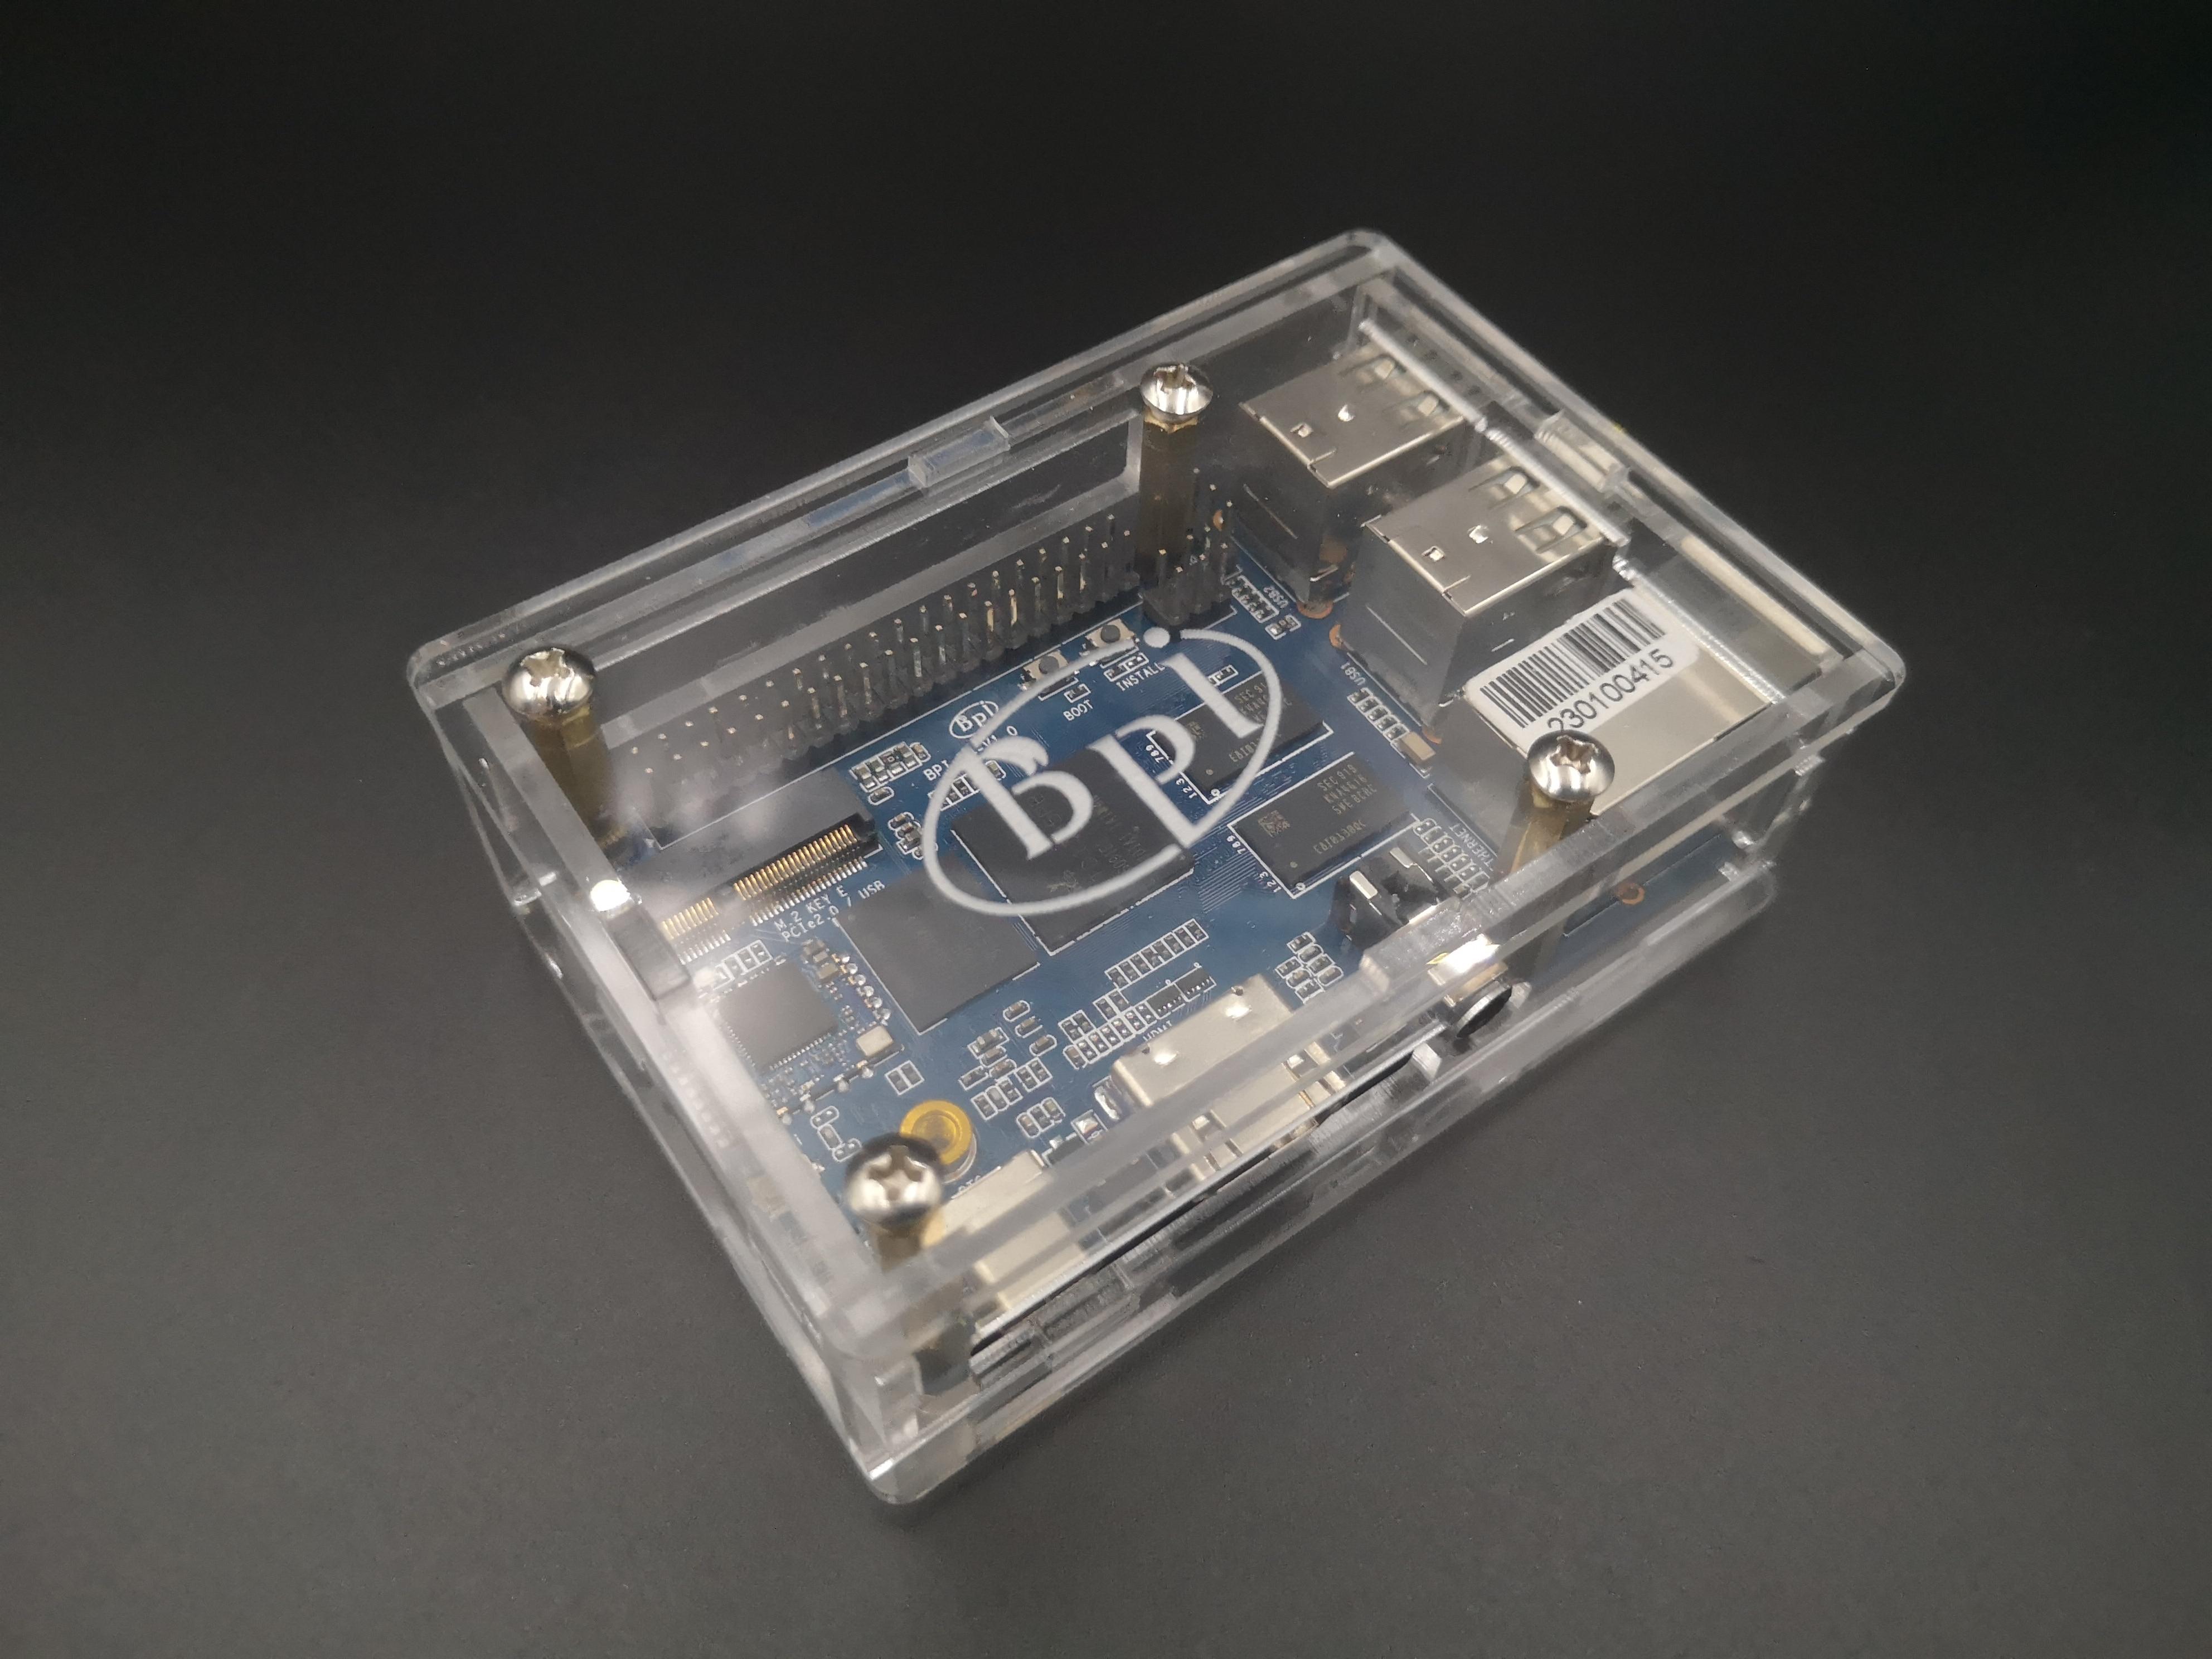 BPI M4 акриловый чехол Banana Pi Board хорошее качество прозрачный акриловый корпус